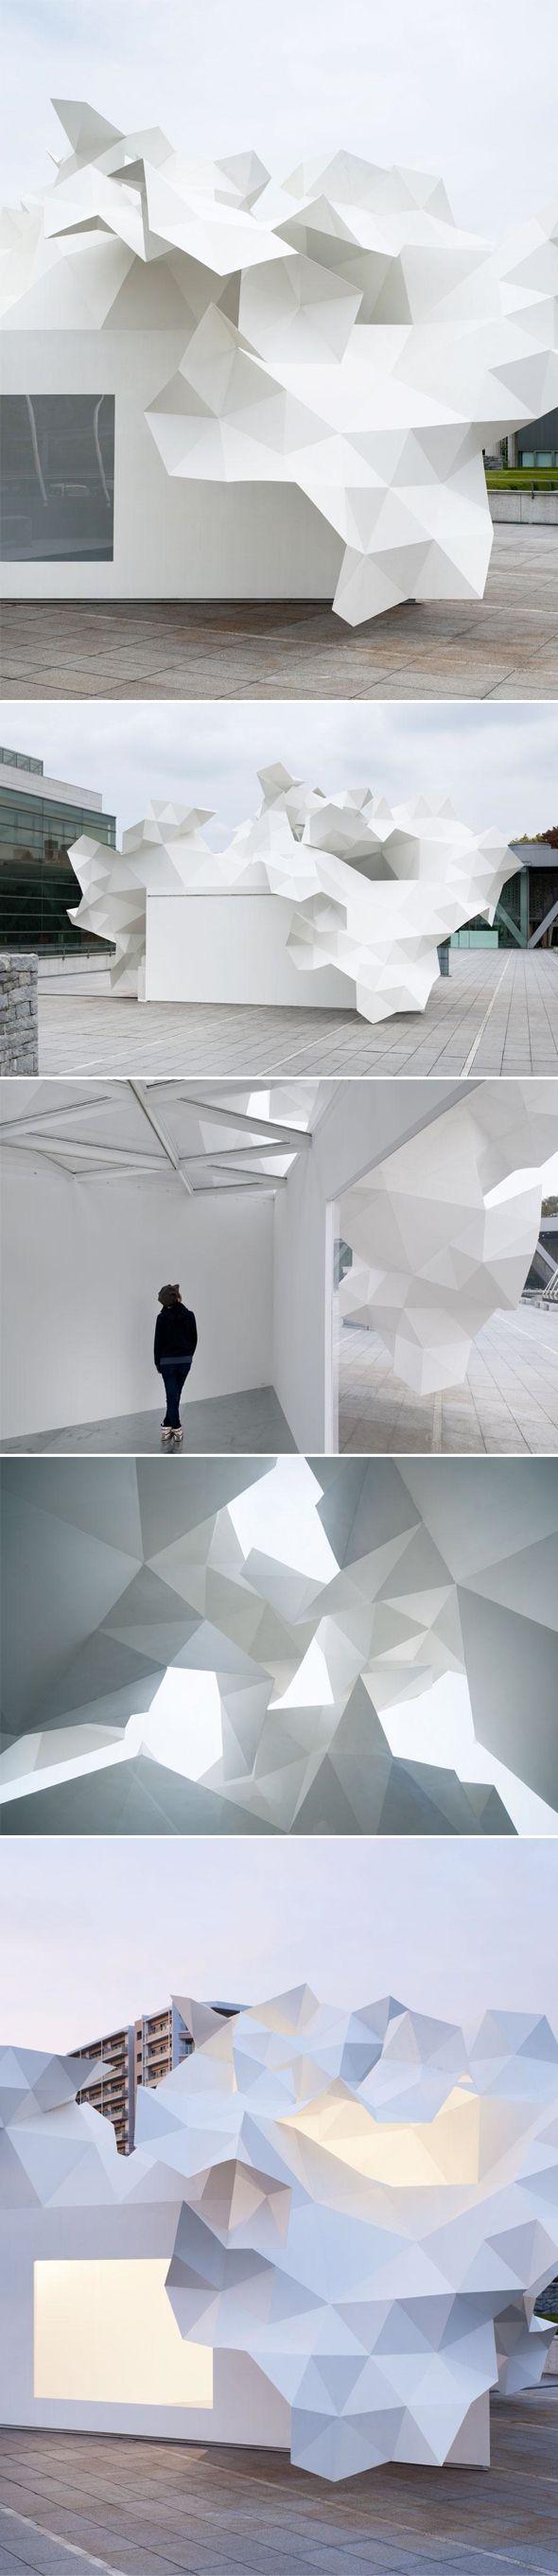 pavillon Bloomberg  d'Akihisa Hirata situé devant l'entrée principale du Musée…